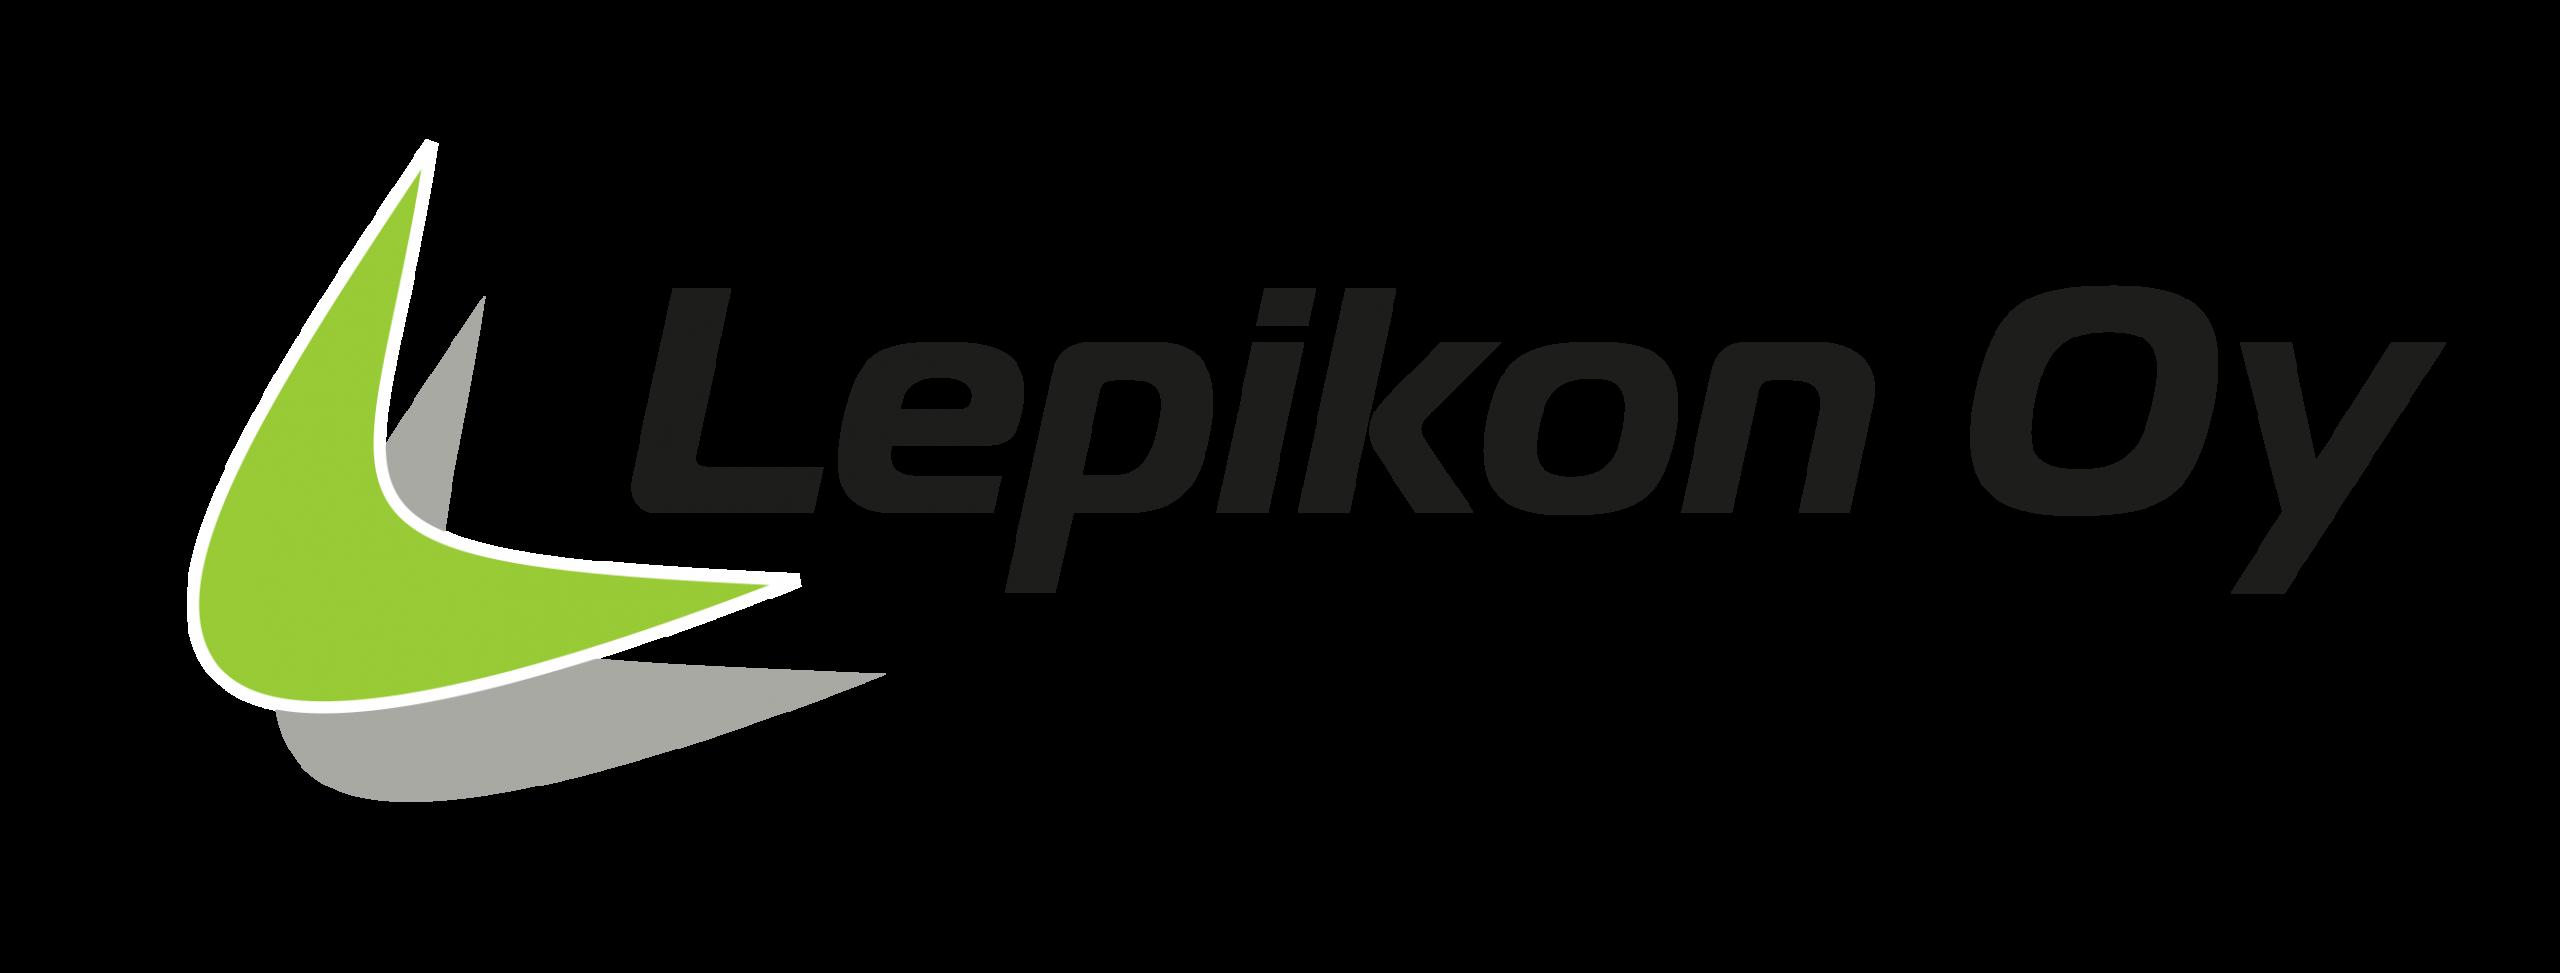 lepikon.com